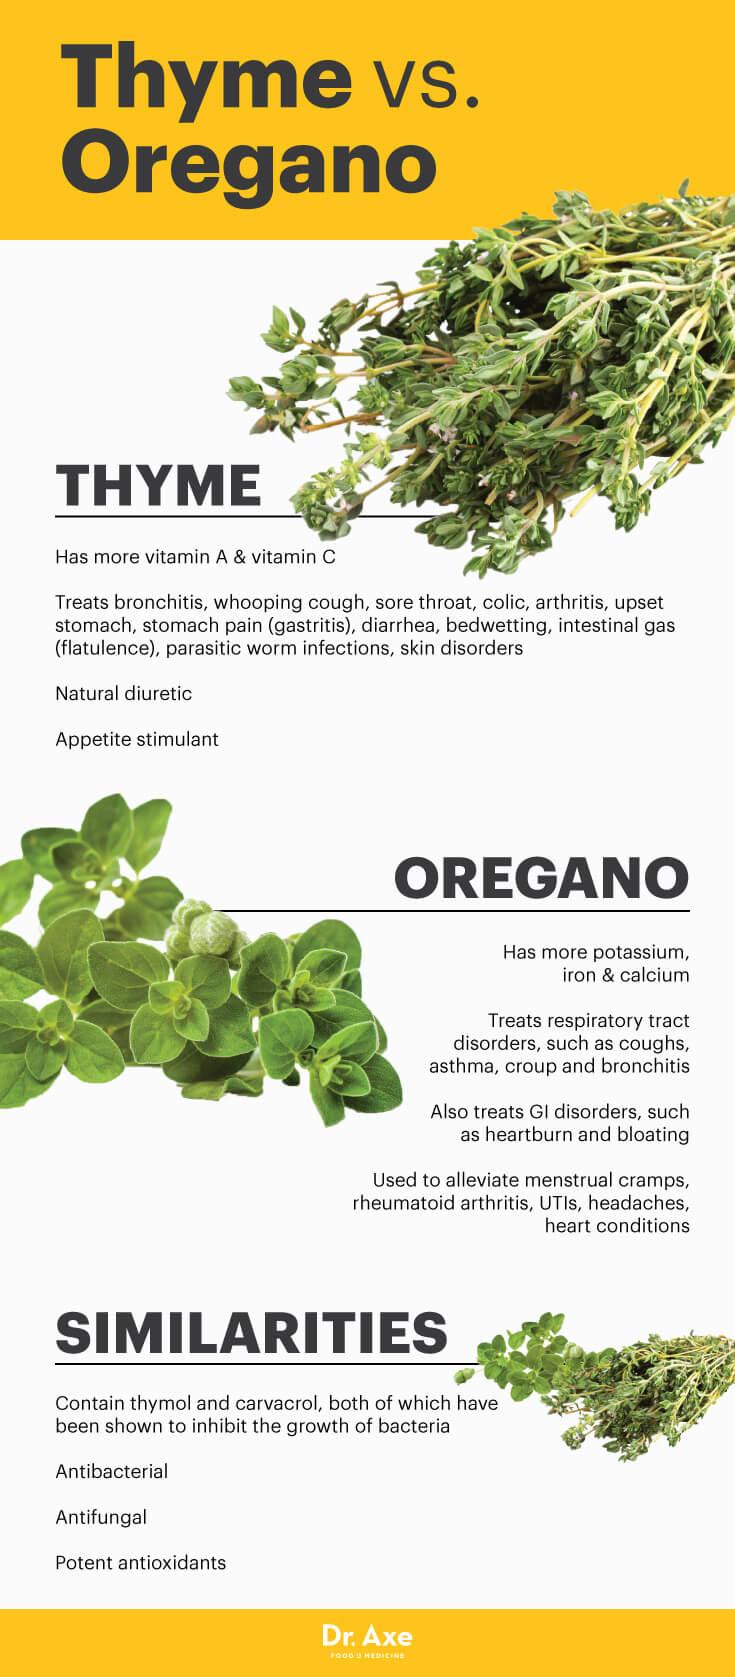 Thyme vs. oregano - Dr. Axe